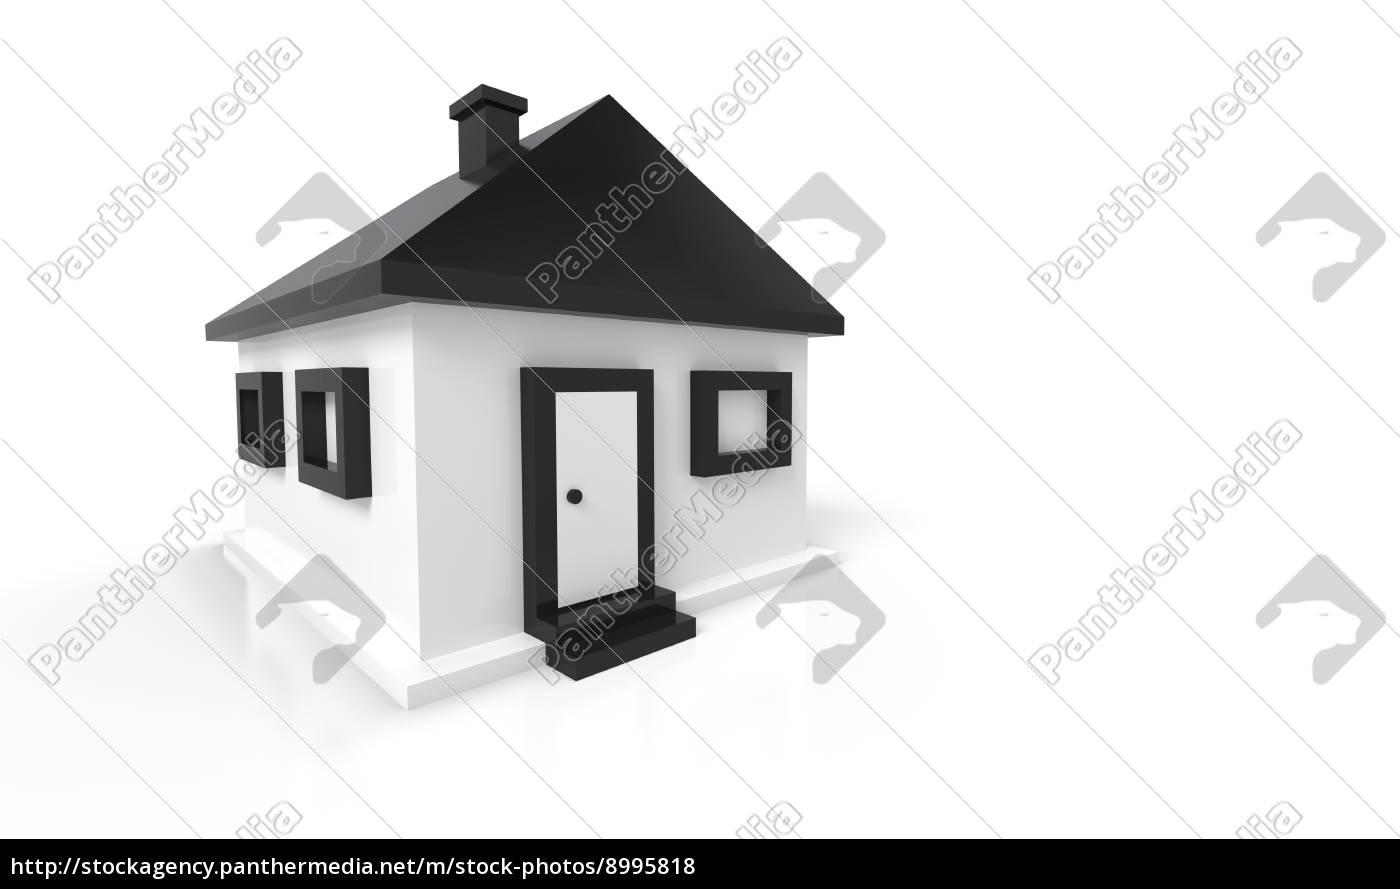 Stockfoto 8995818   3D Haus Schwarz Weiß